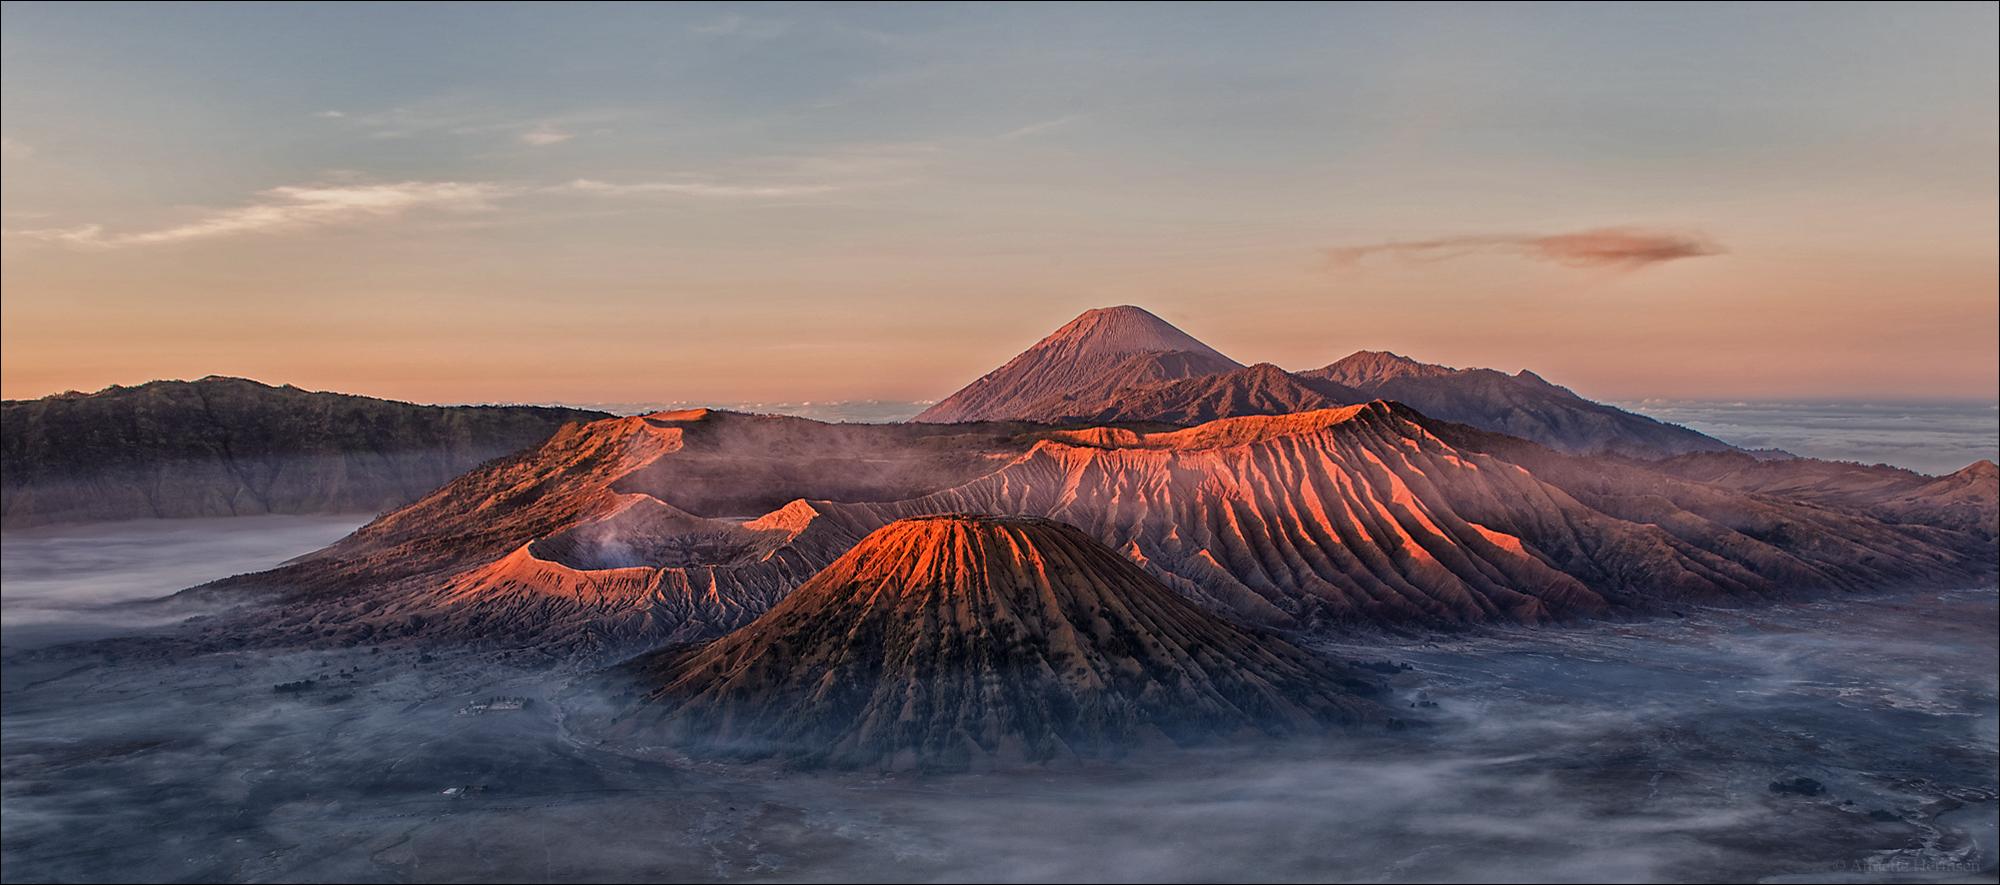 Indonesien [33] - Sunrise at Mt. Bromo